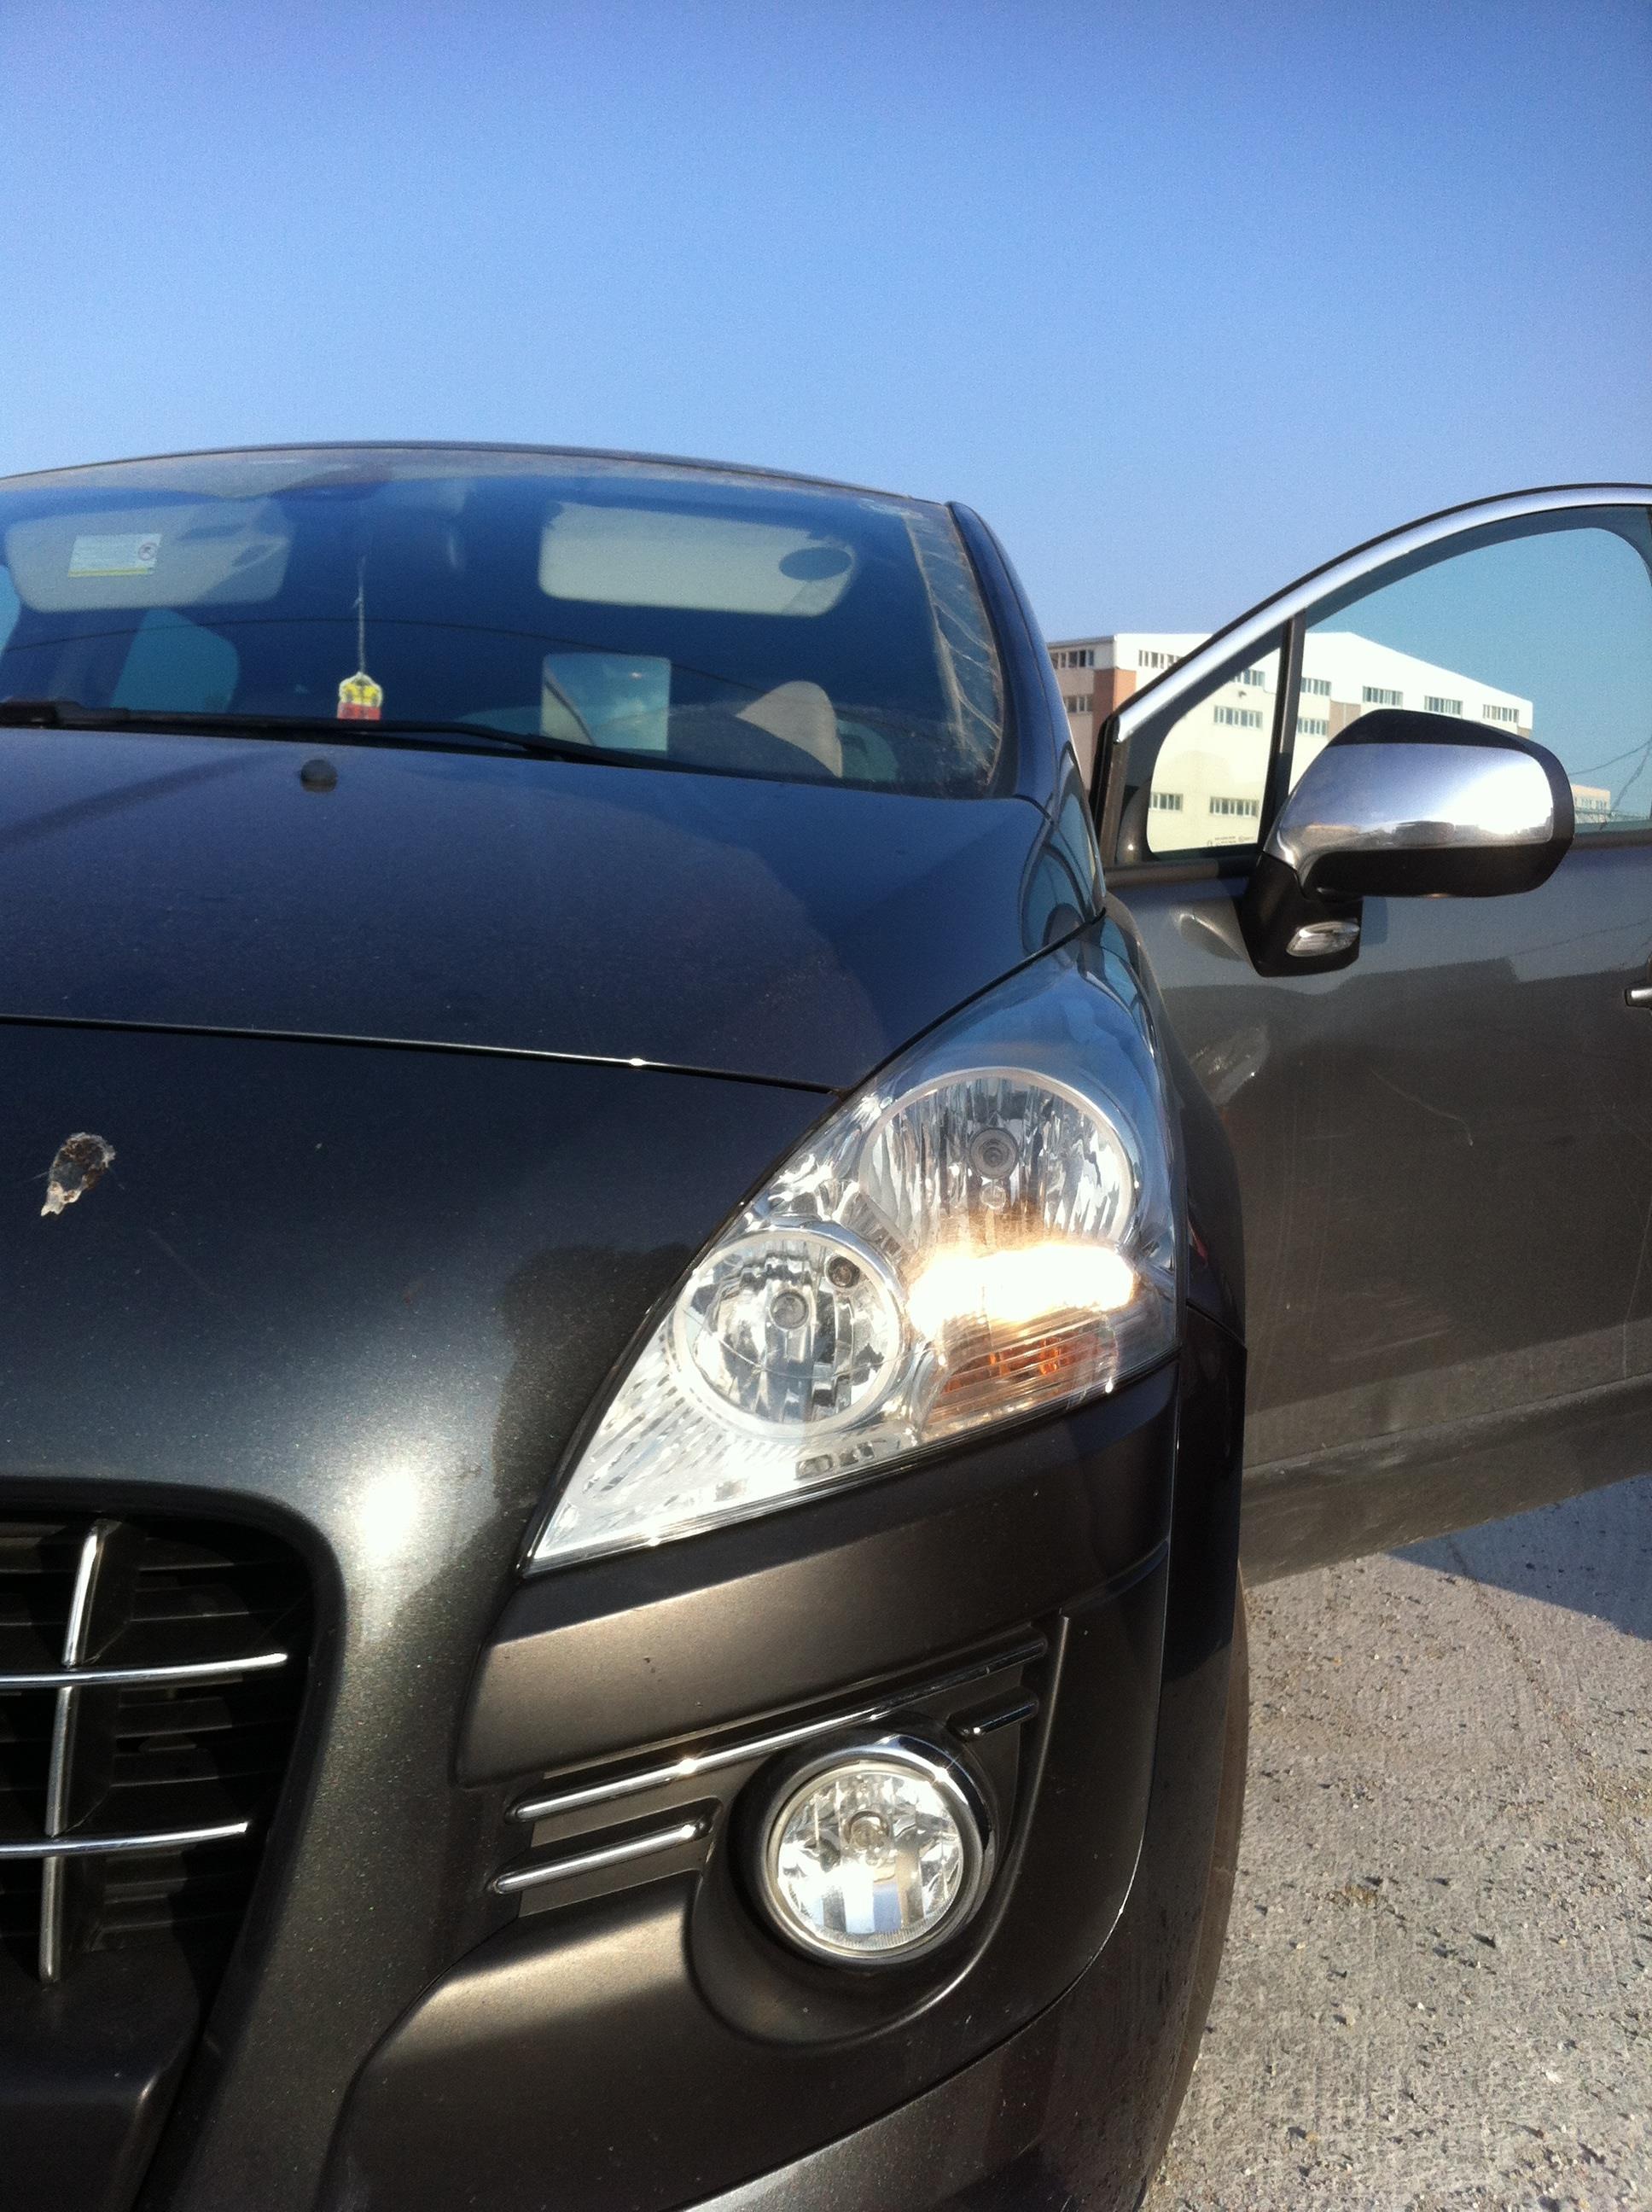 Peugeot 406 incelemeleri hakkında ne diyorlar